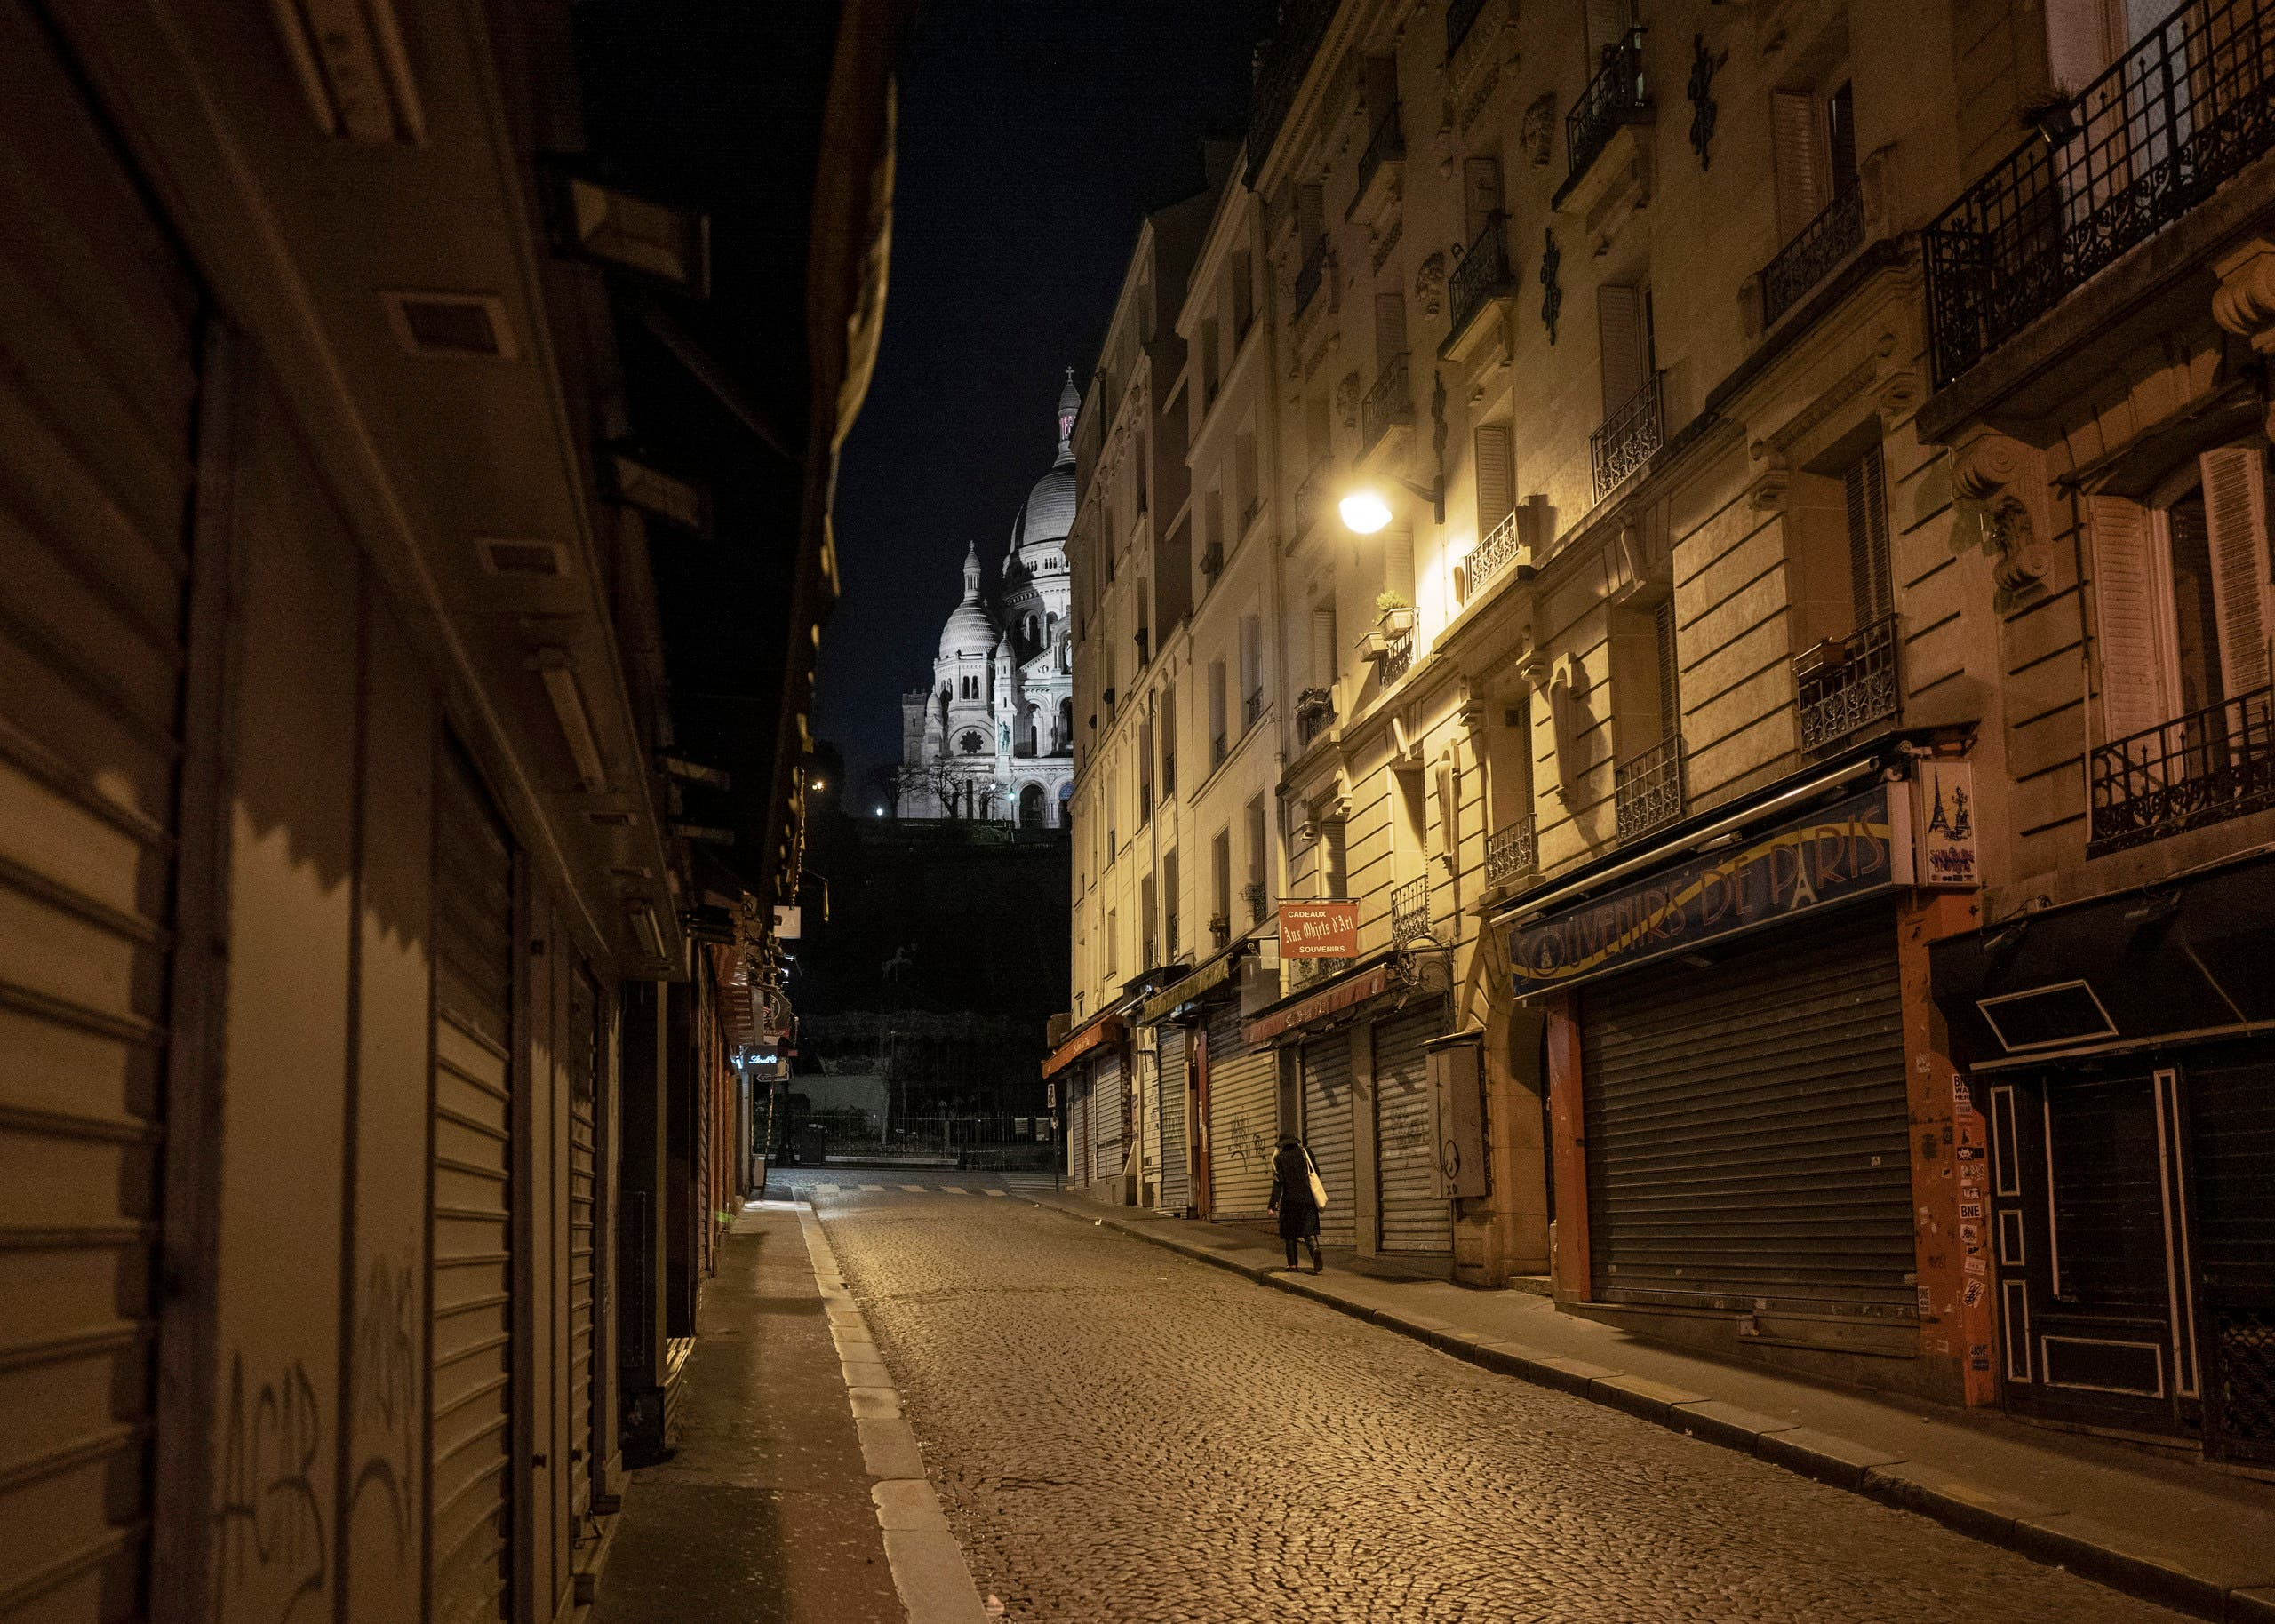 شوارع خالية من المارة بسبب حظر التجوال الليلي في باريس